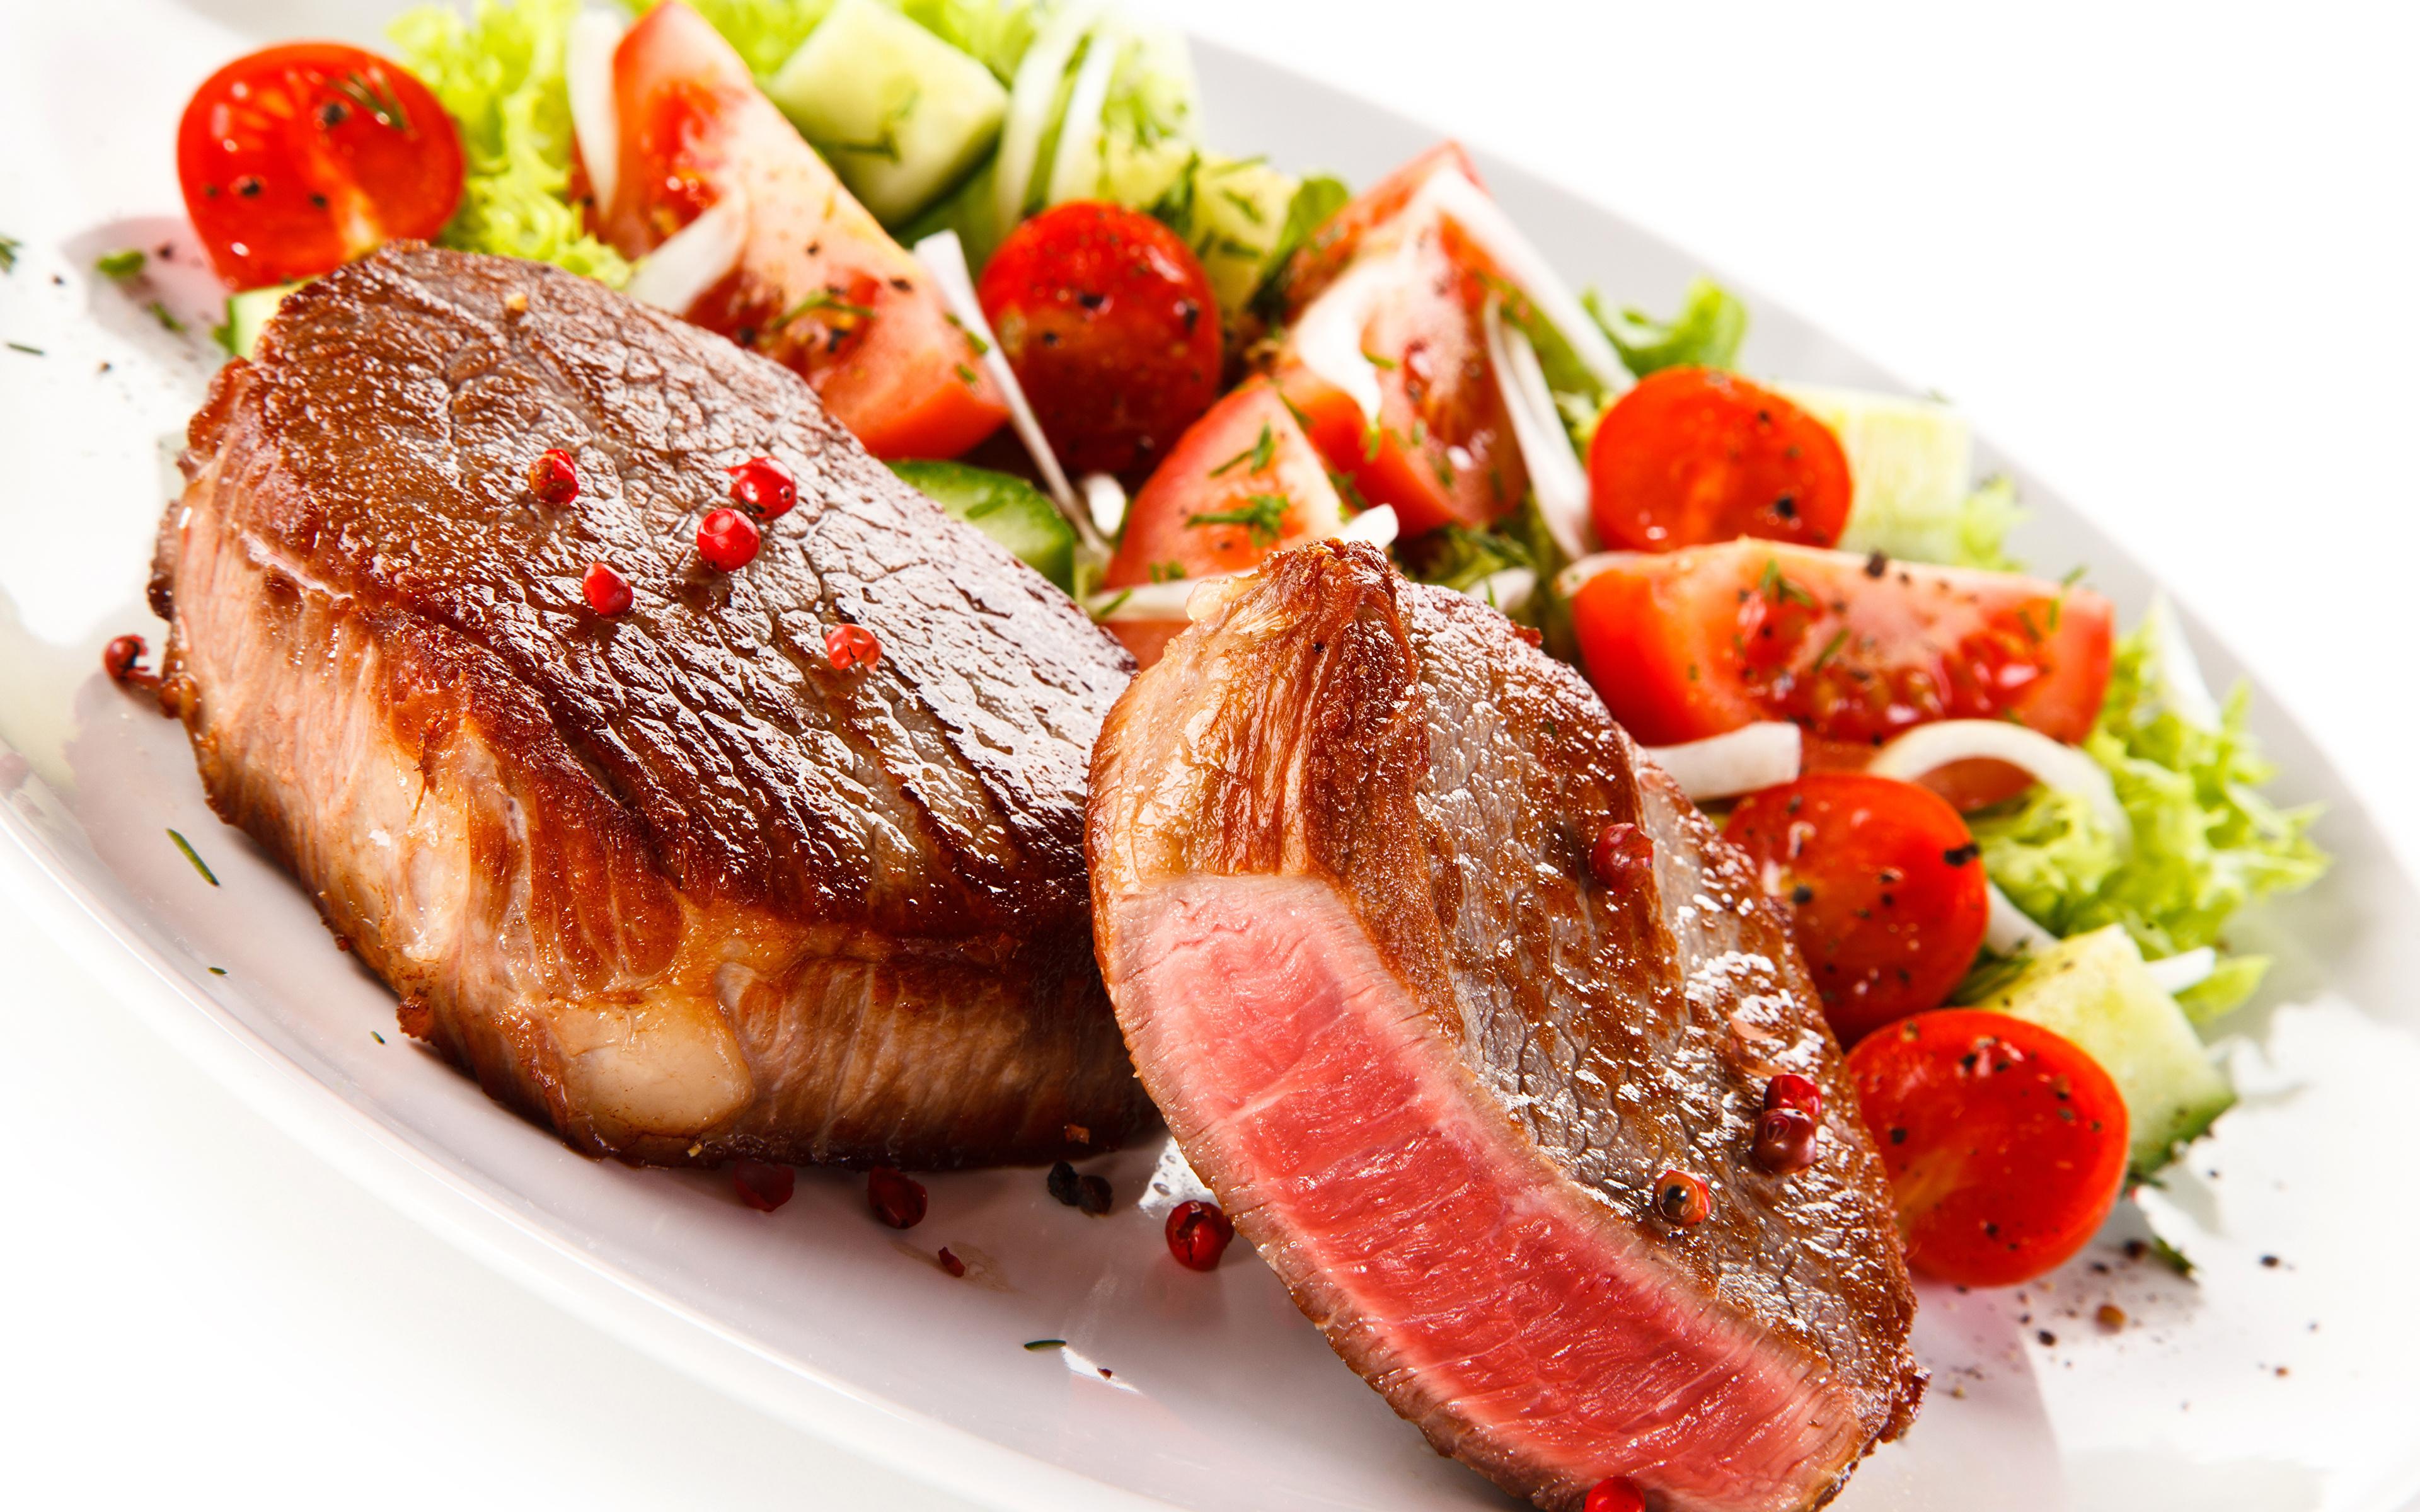 Фото Еда Овощи Белый фон Мясные продукты 3840x2400 Пища Продукты питания